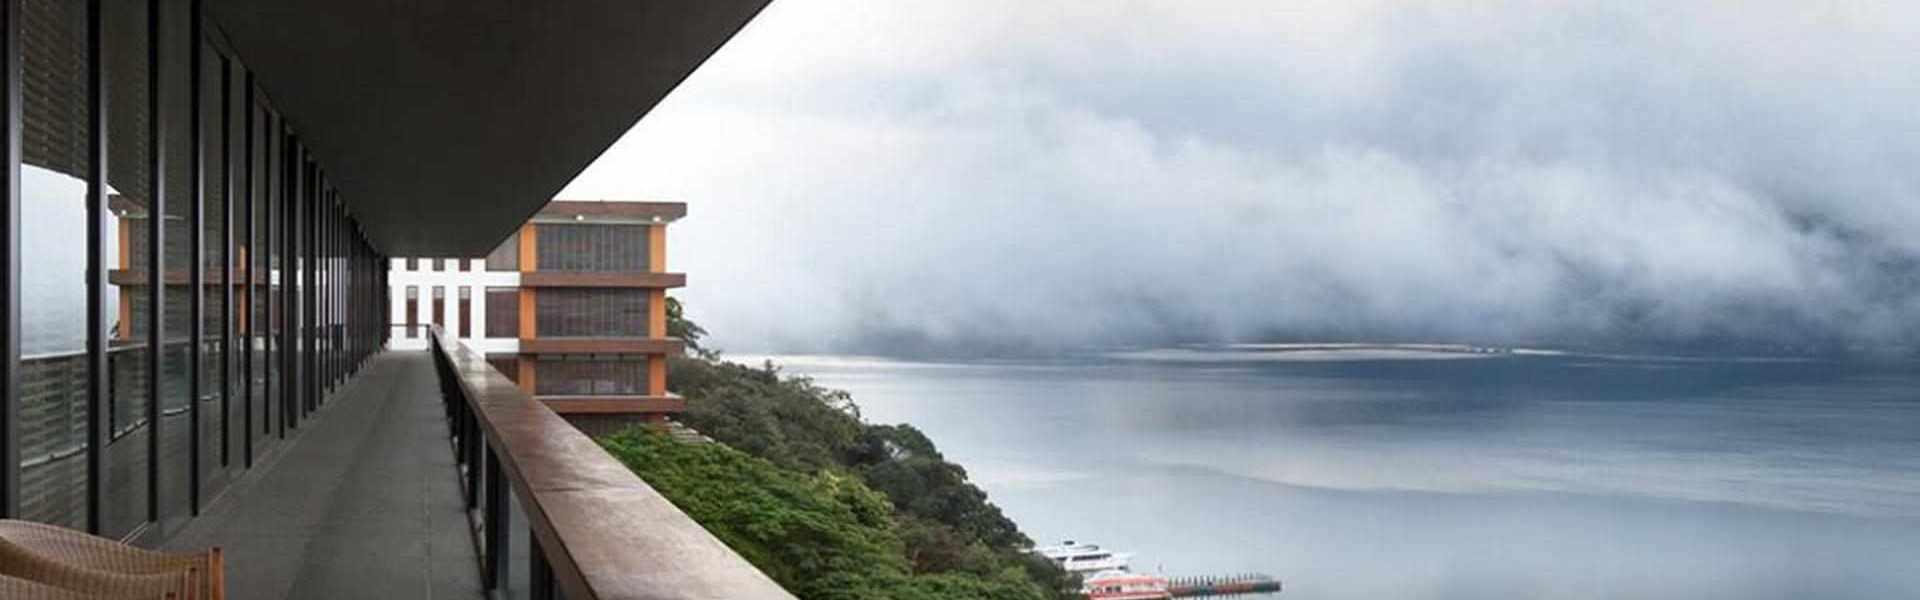 【日月潭溫泉飯店】一生必住一次的日月潭飯店5選,賞湖景、泡溫泉超療癒!